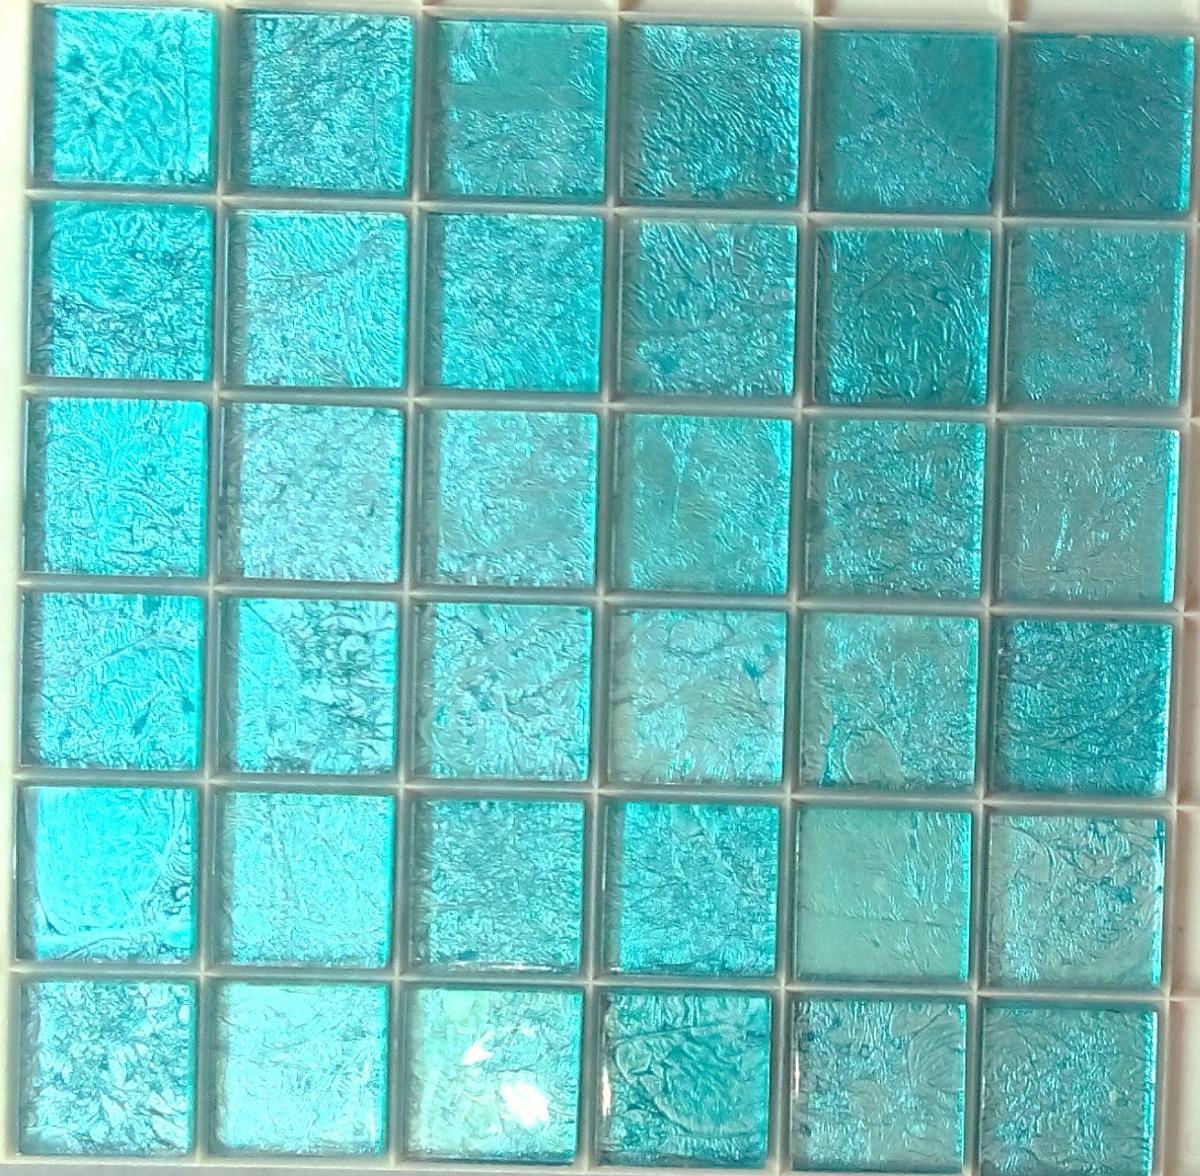 Mosaque carrelage et frise turquoise 48 cm par plaque  Achat mosaque carrelage